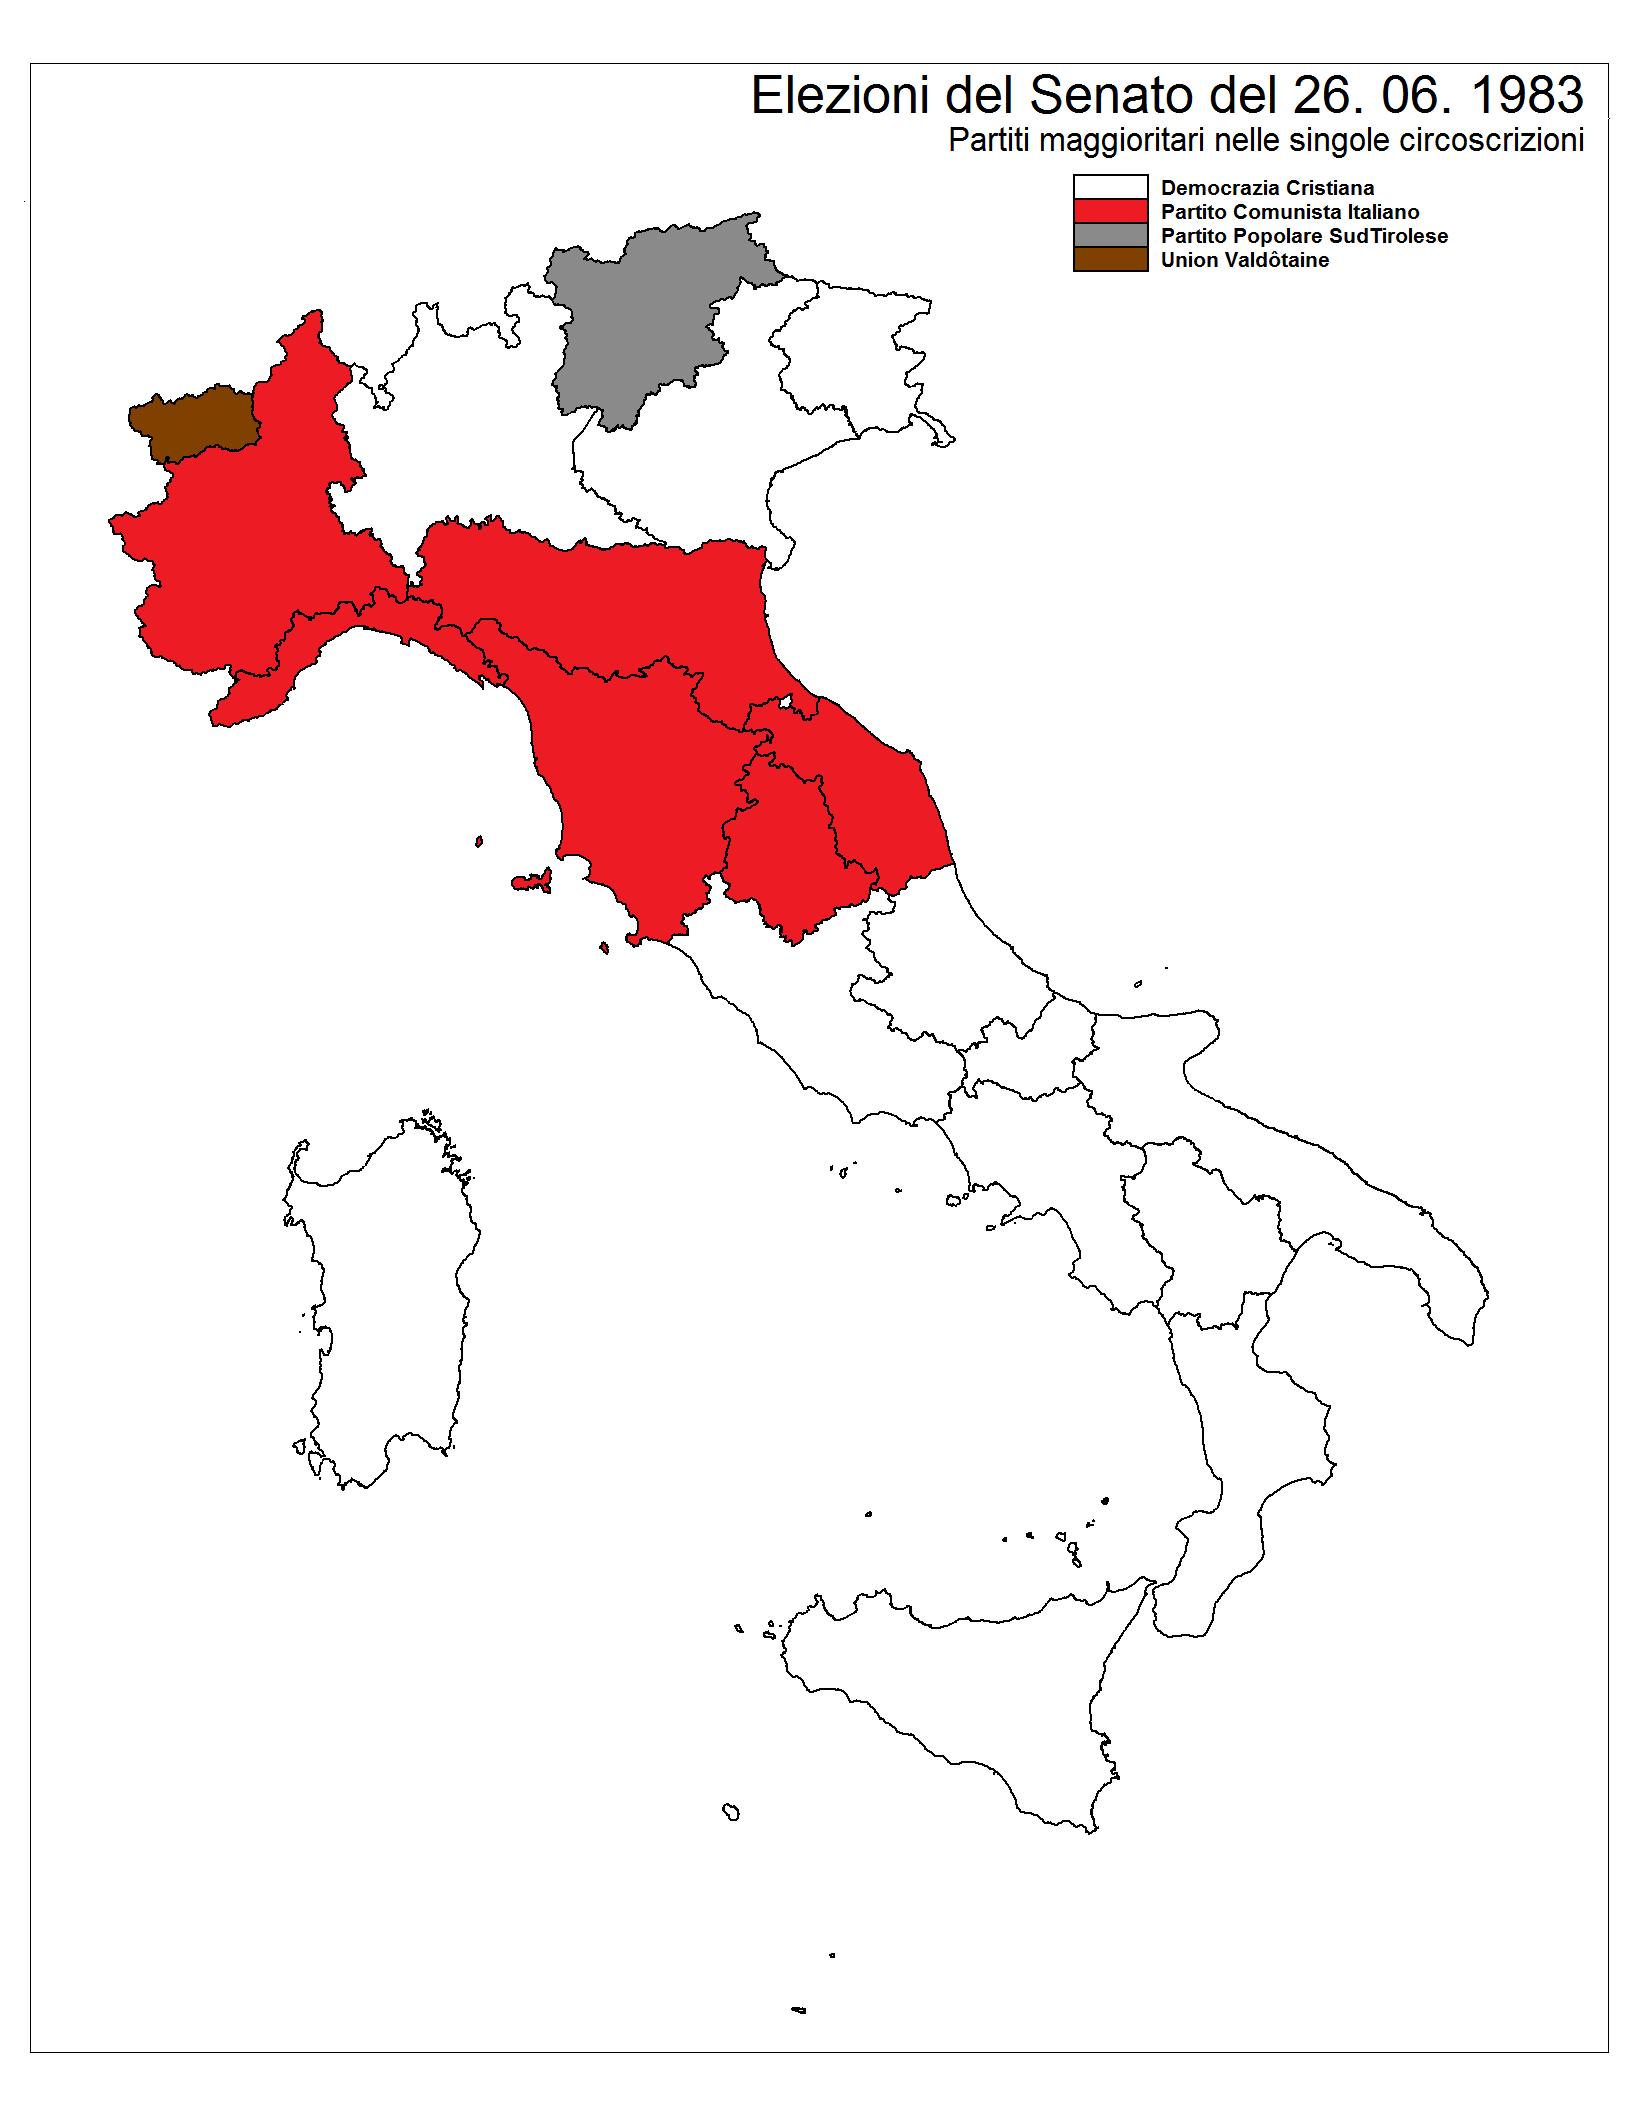 File elezioni senato 1983 wikimedia for Senato wikipedia